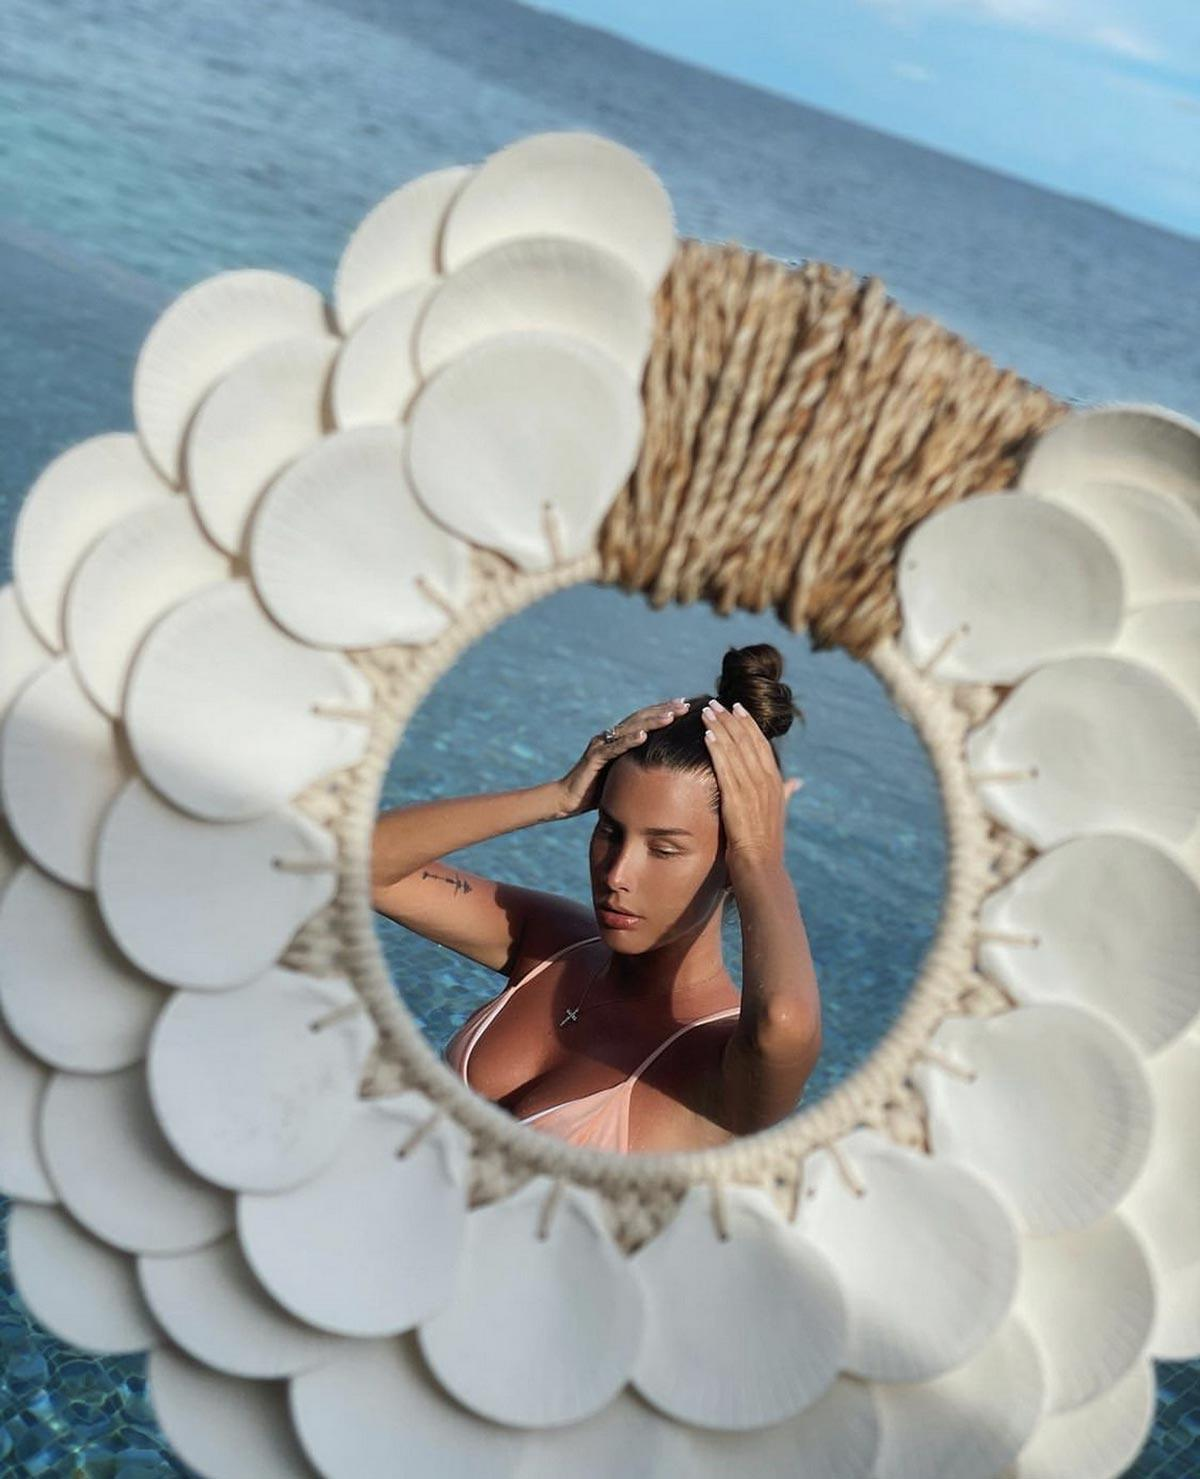 Кэти Топурия. Фото: из личного архива